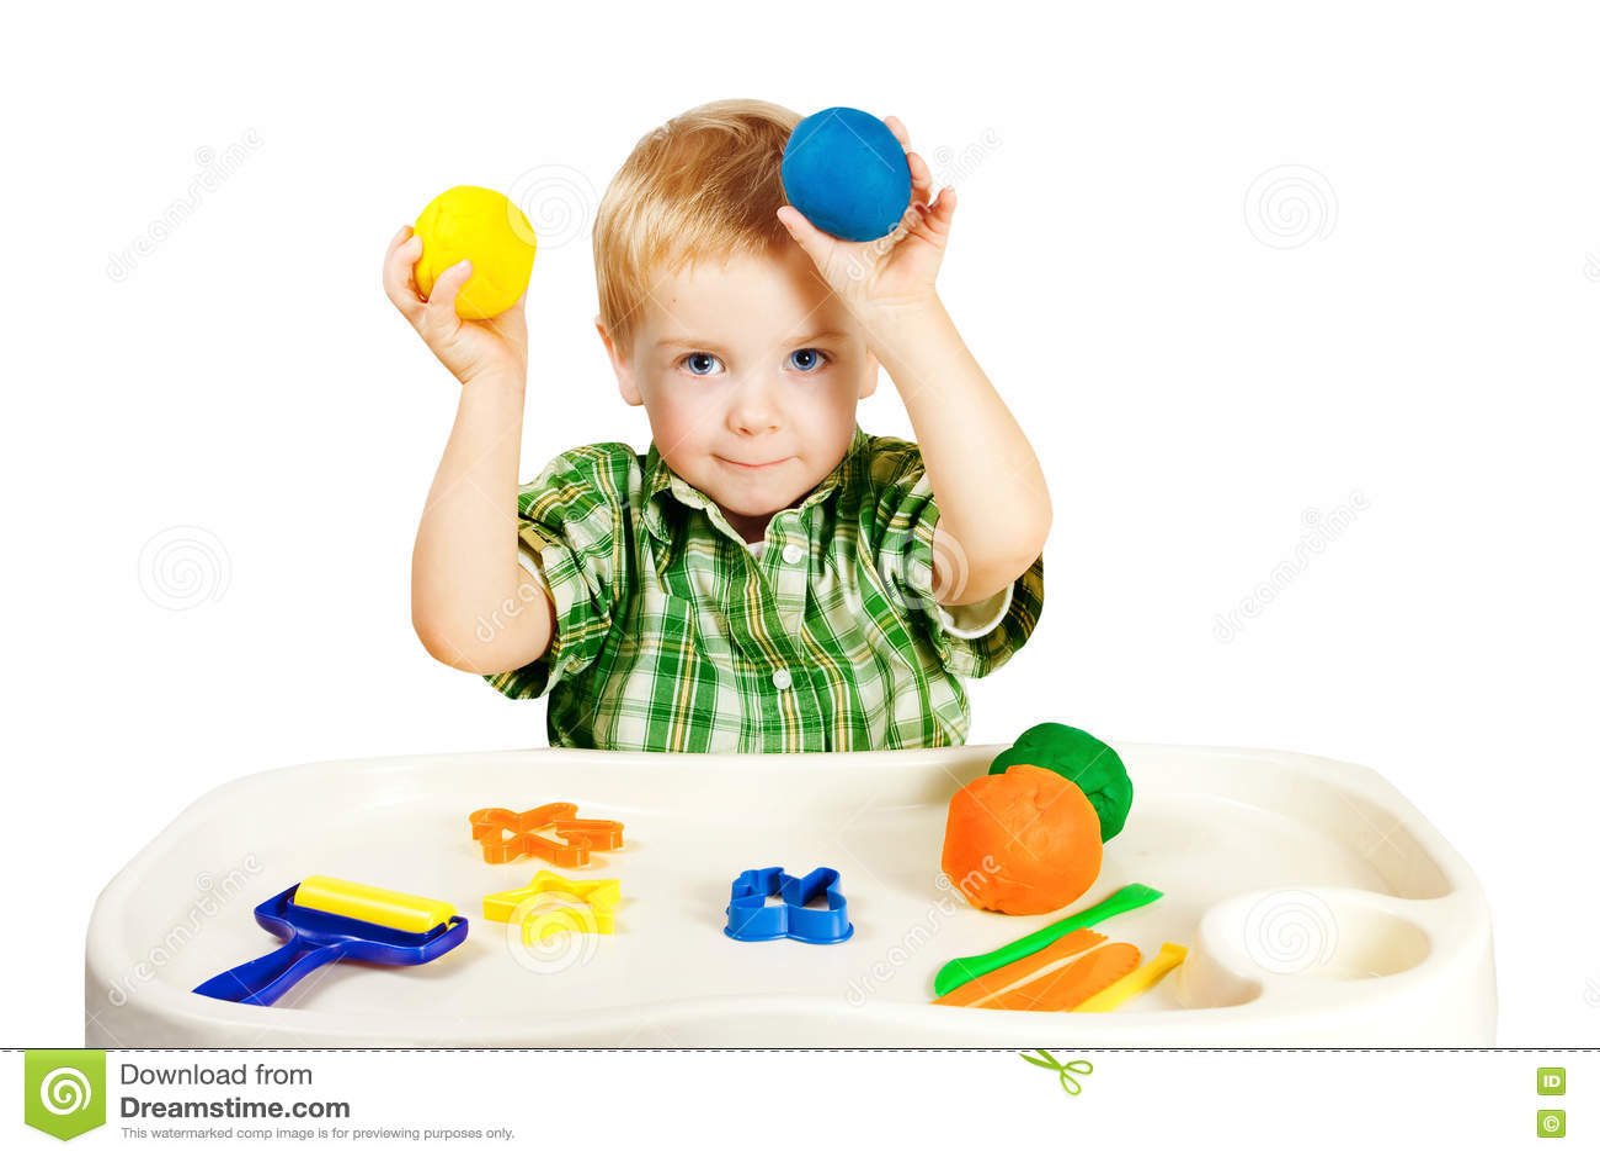 Jong geitje Speel Vormend Clay Toys, Weinig Kind Kleurrijke Plasticine